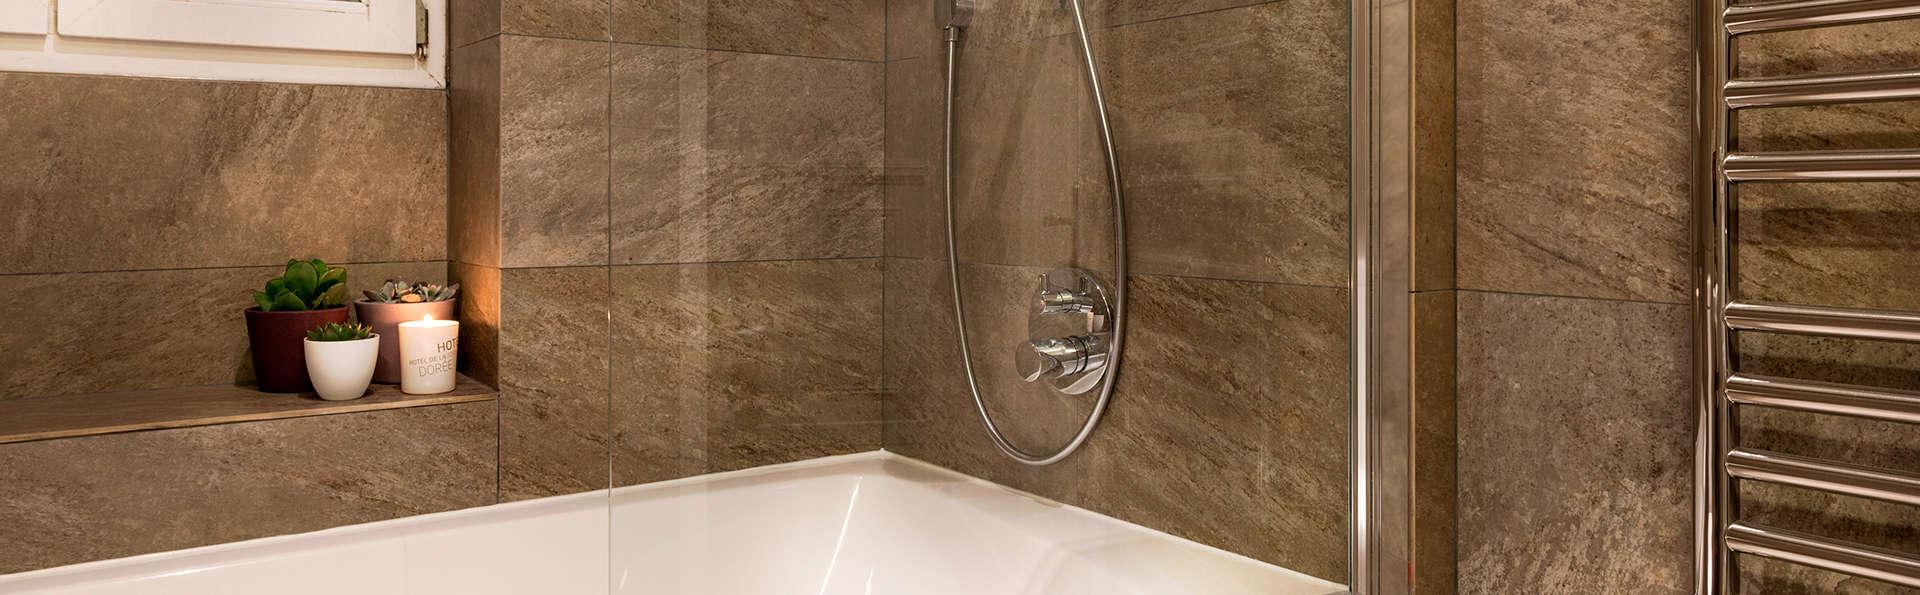 Hôtel Porte Dorée - Edit_Bathroom3.jpg